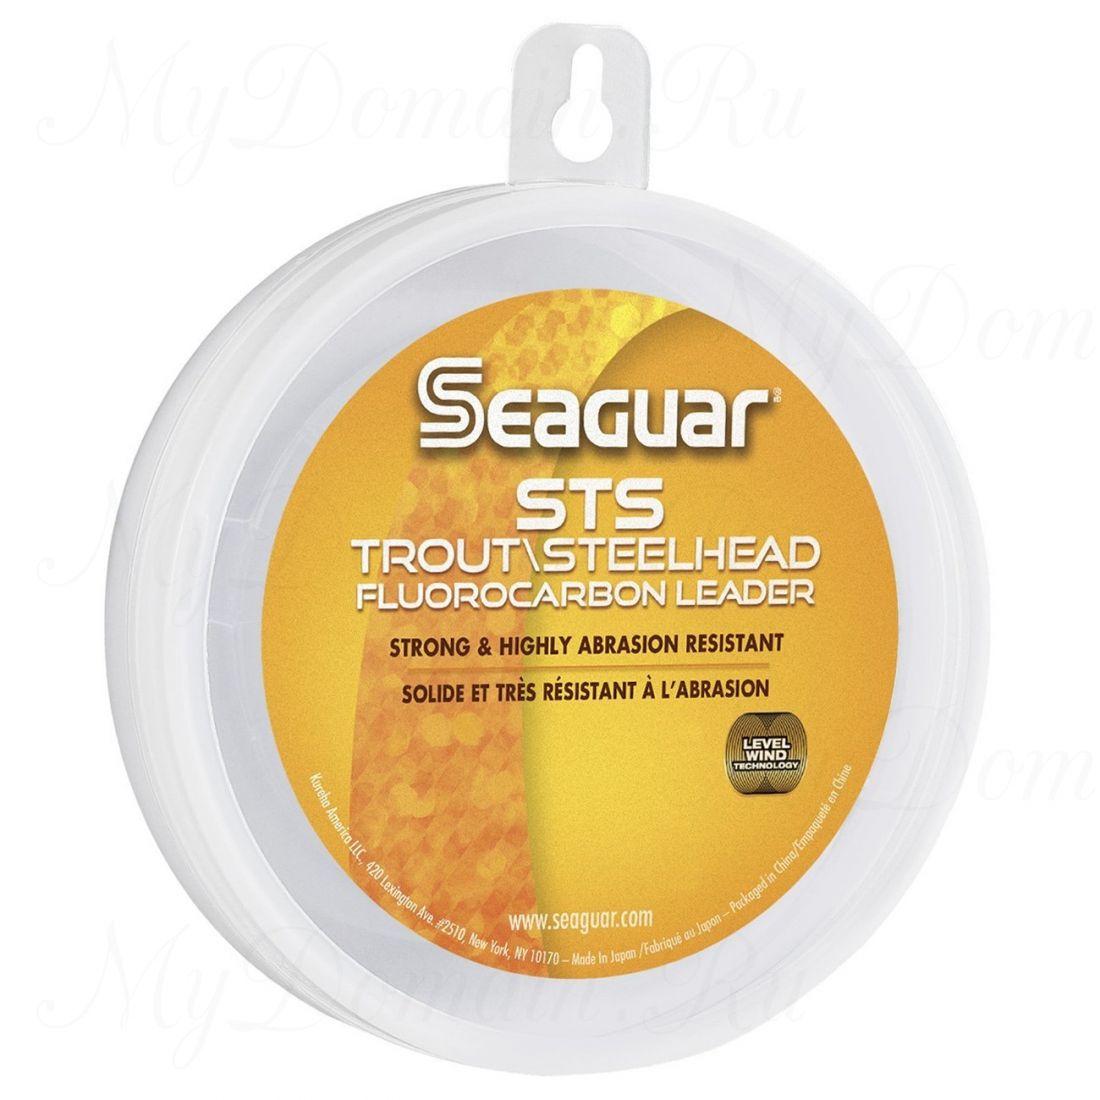 Поводковый материал из флюорокарбона Seaguar STS Salmon & Trout/Steelhead 0,235 мм; 8 lb/3,6 кг; 100 ярдов /91 м.